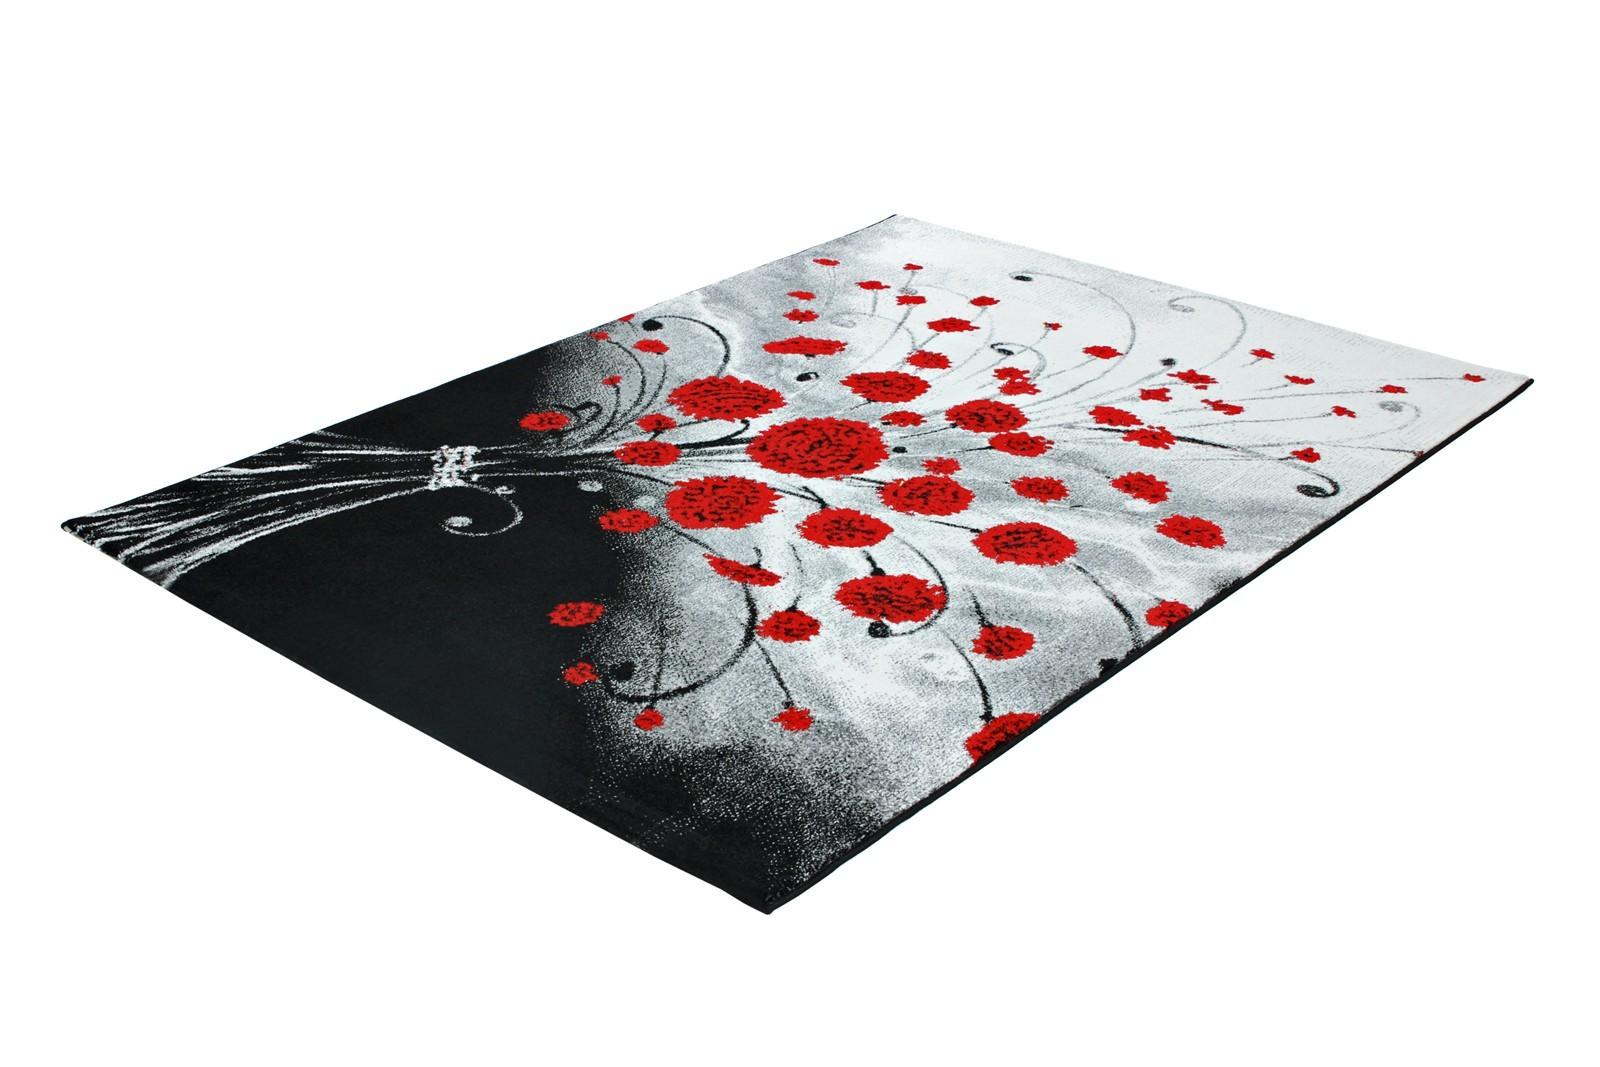 tapis designer tiss plat d coratif 100 polypropylene broth 14. Black Bedroom Furniture Sets. Home Design Ideas